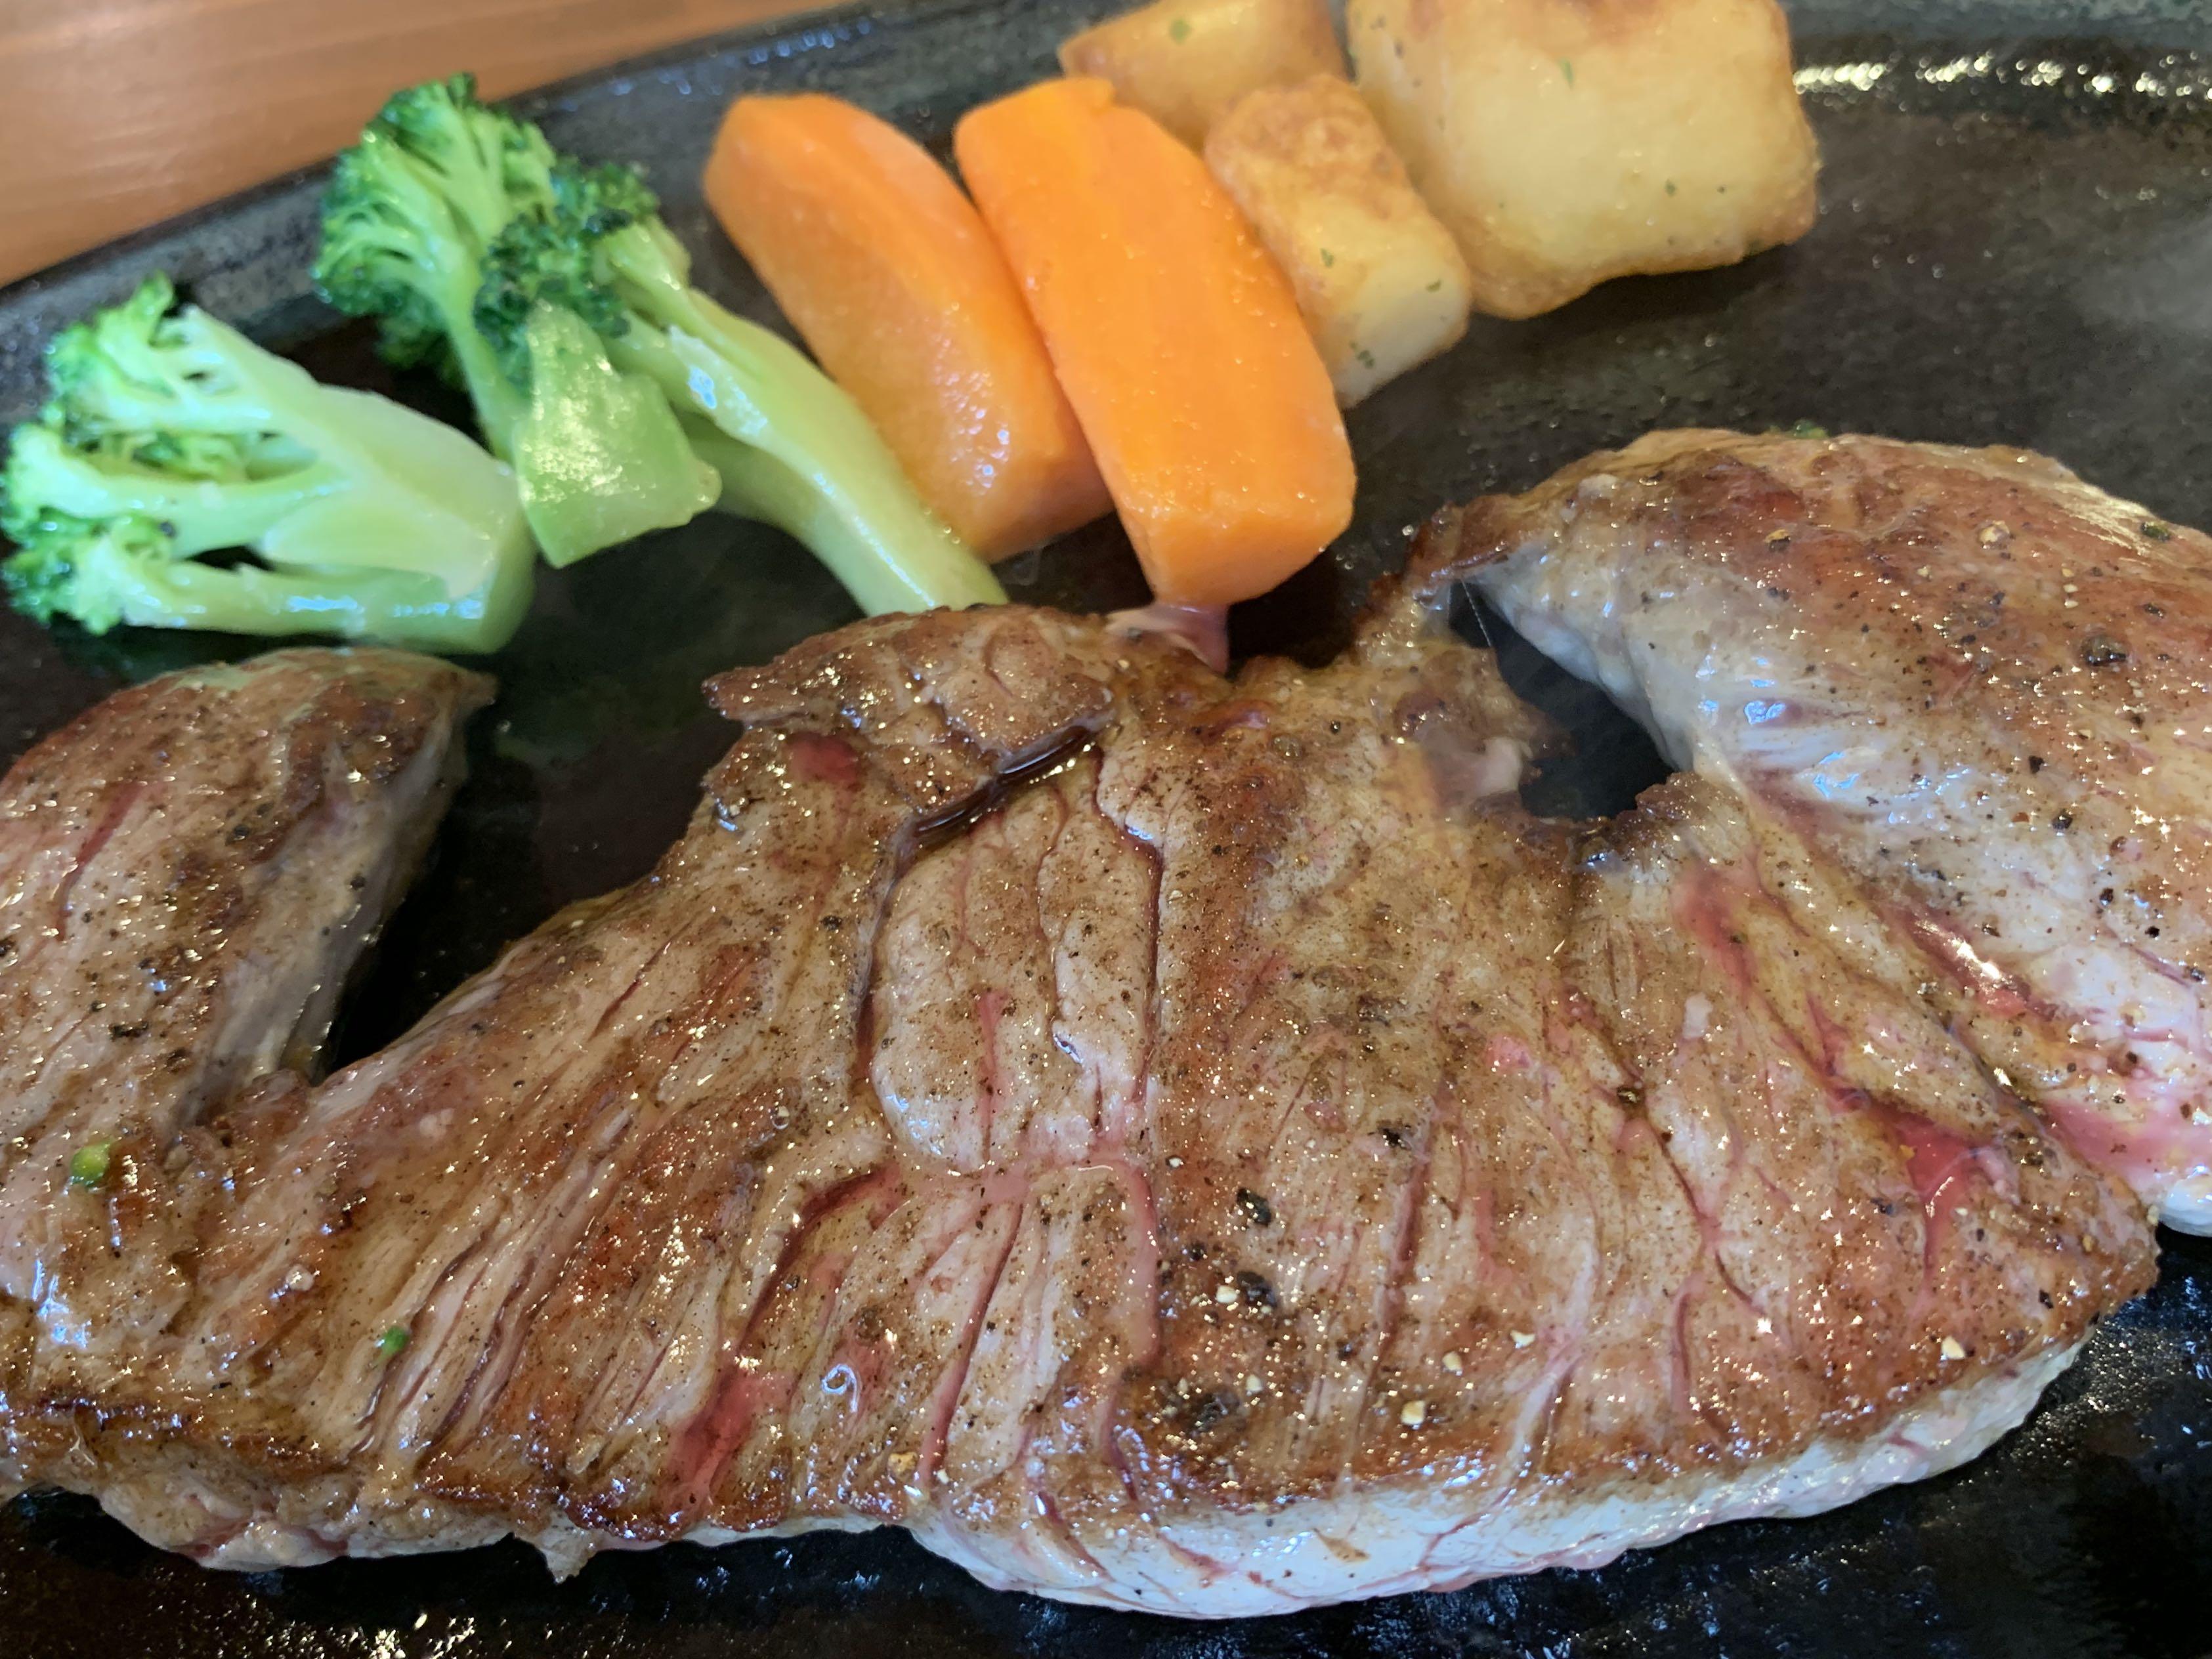 【食べ物・お店】沖縄とくればステーキ:2日で2枚、一枚目は定番のあのお店